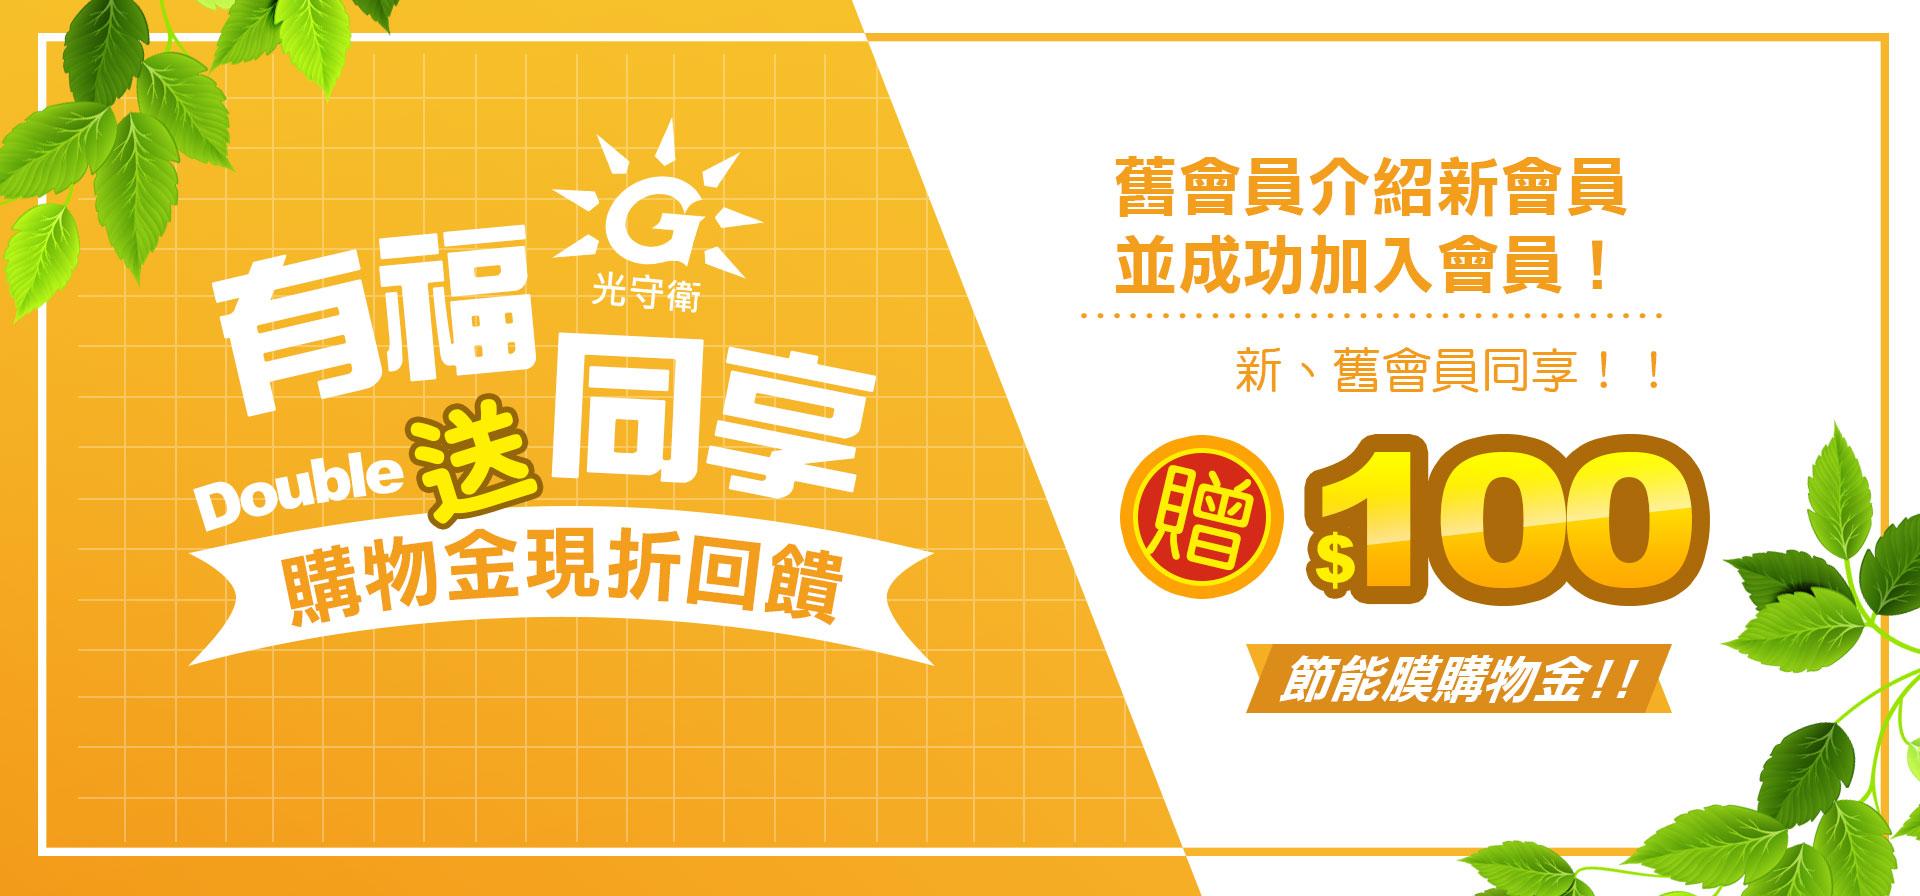 隔熱專家|台灣節能膜 | 會員推薦活動